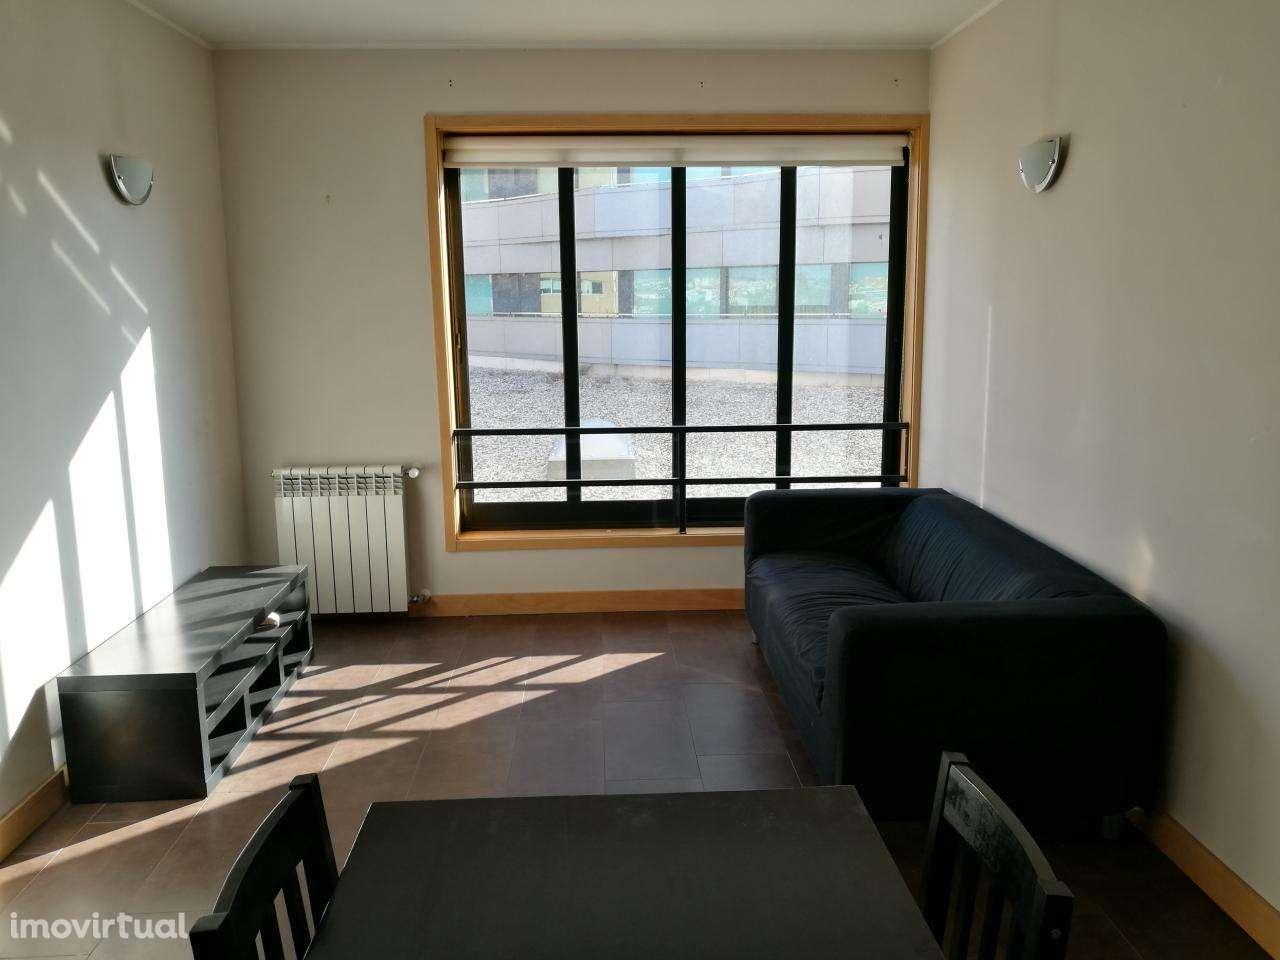 Apartamento para comprar, Aradas, Aveiro - Foto 4